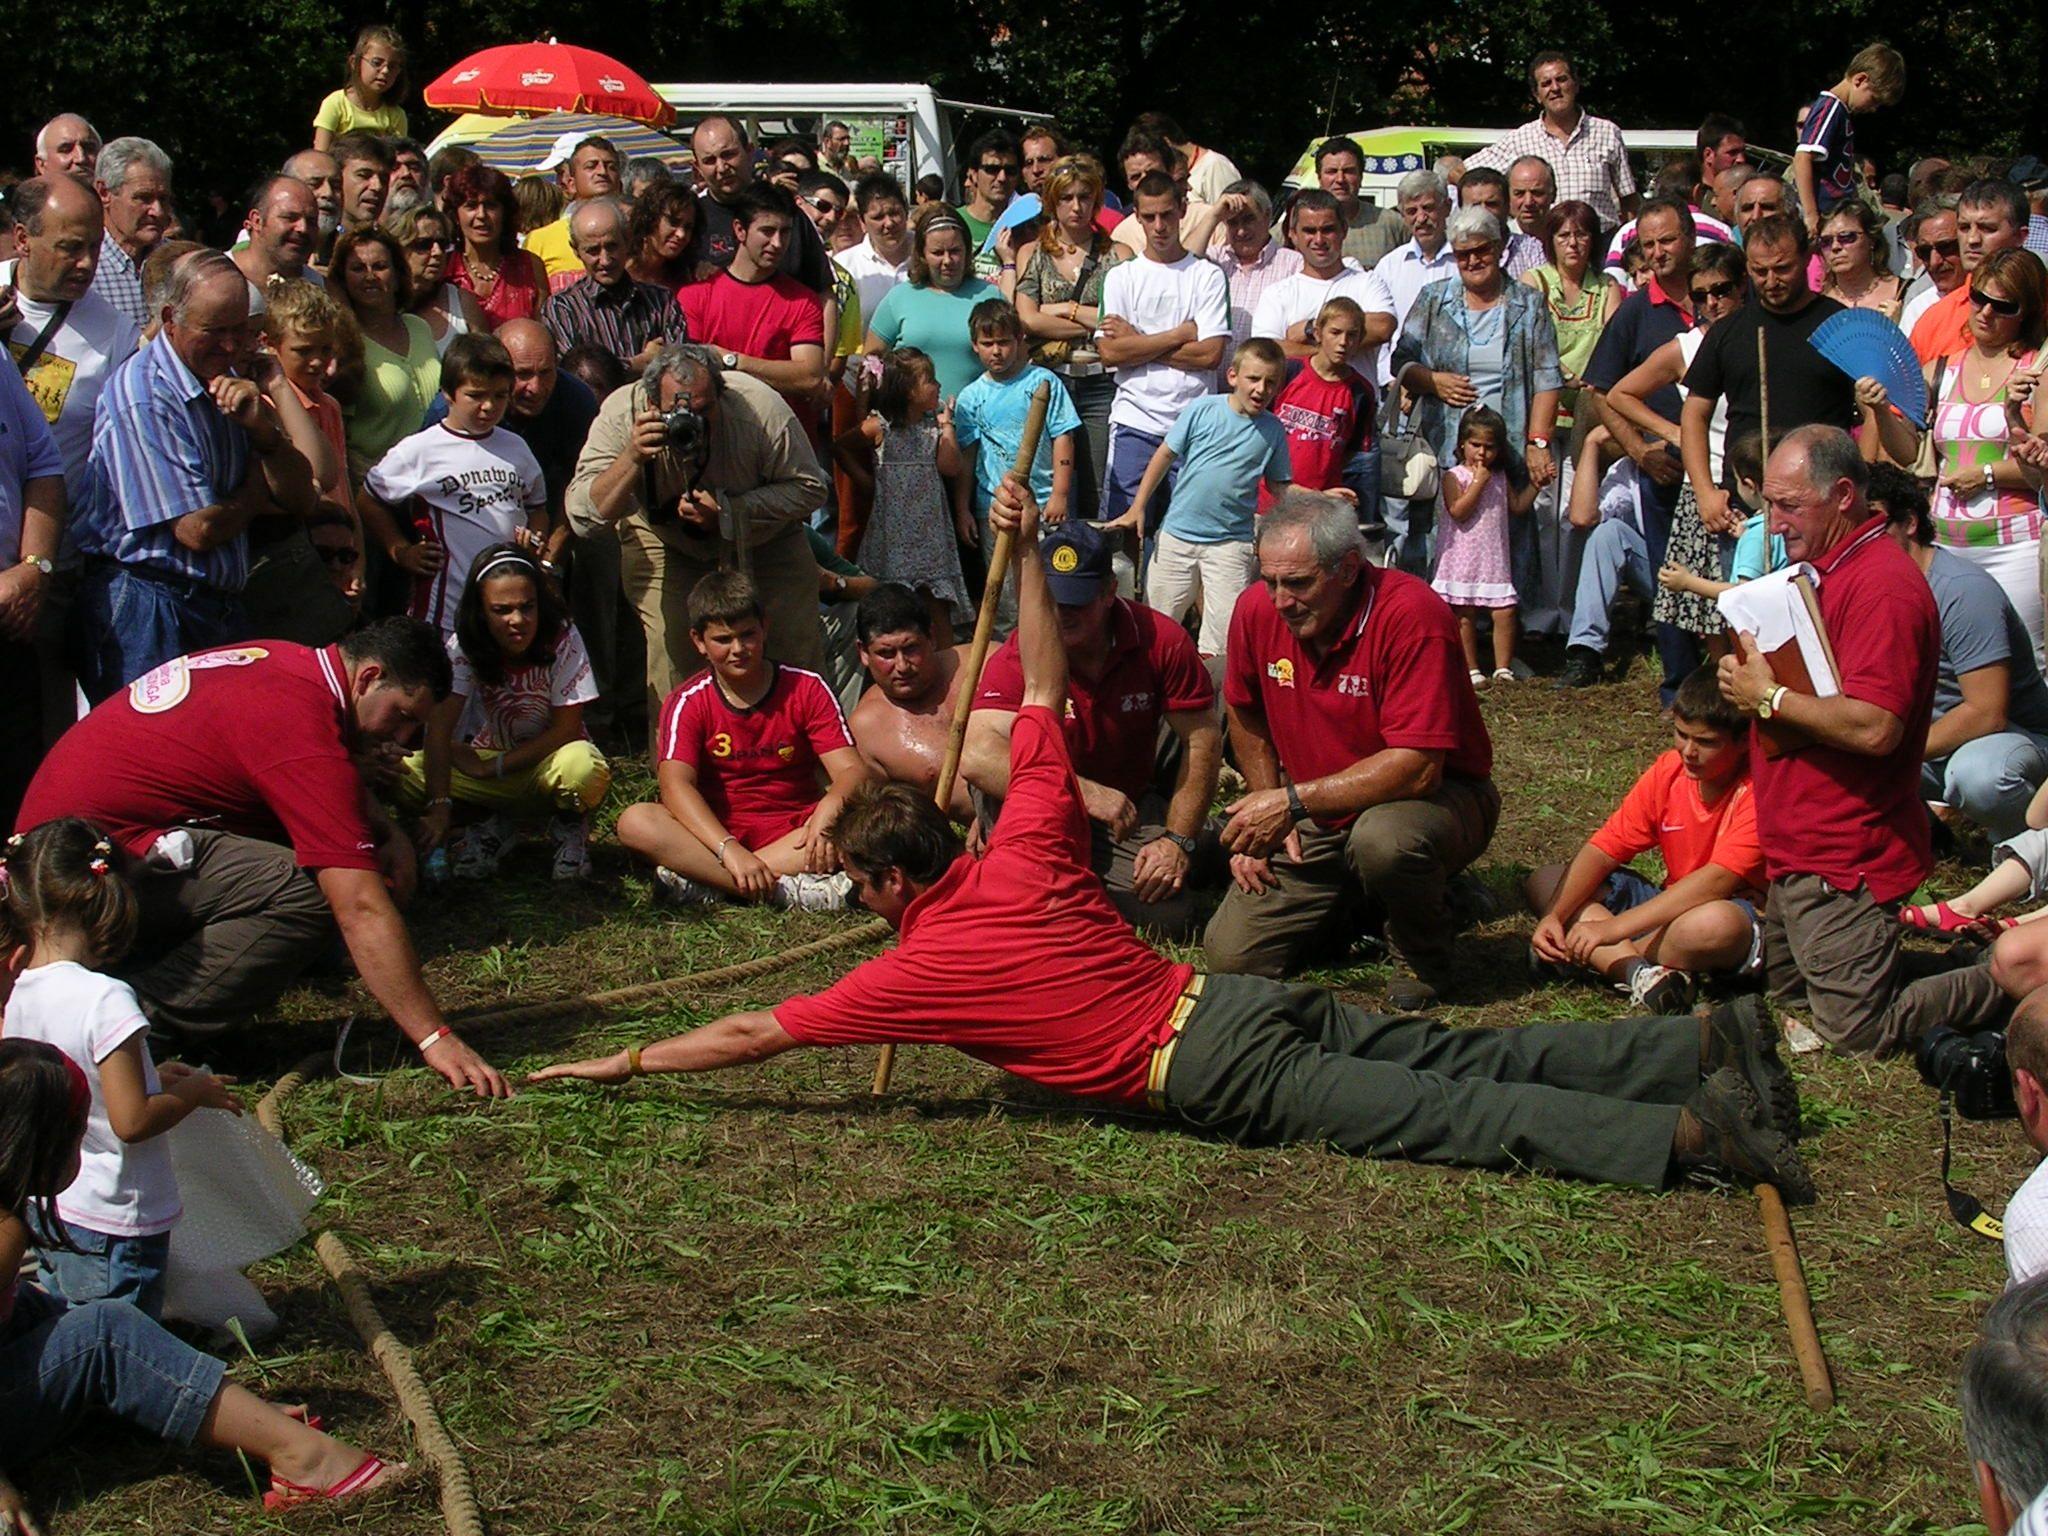 Salto pasiego, un clásico en las fiestas locales